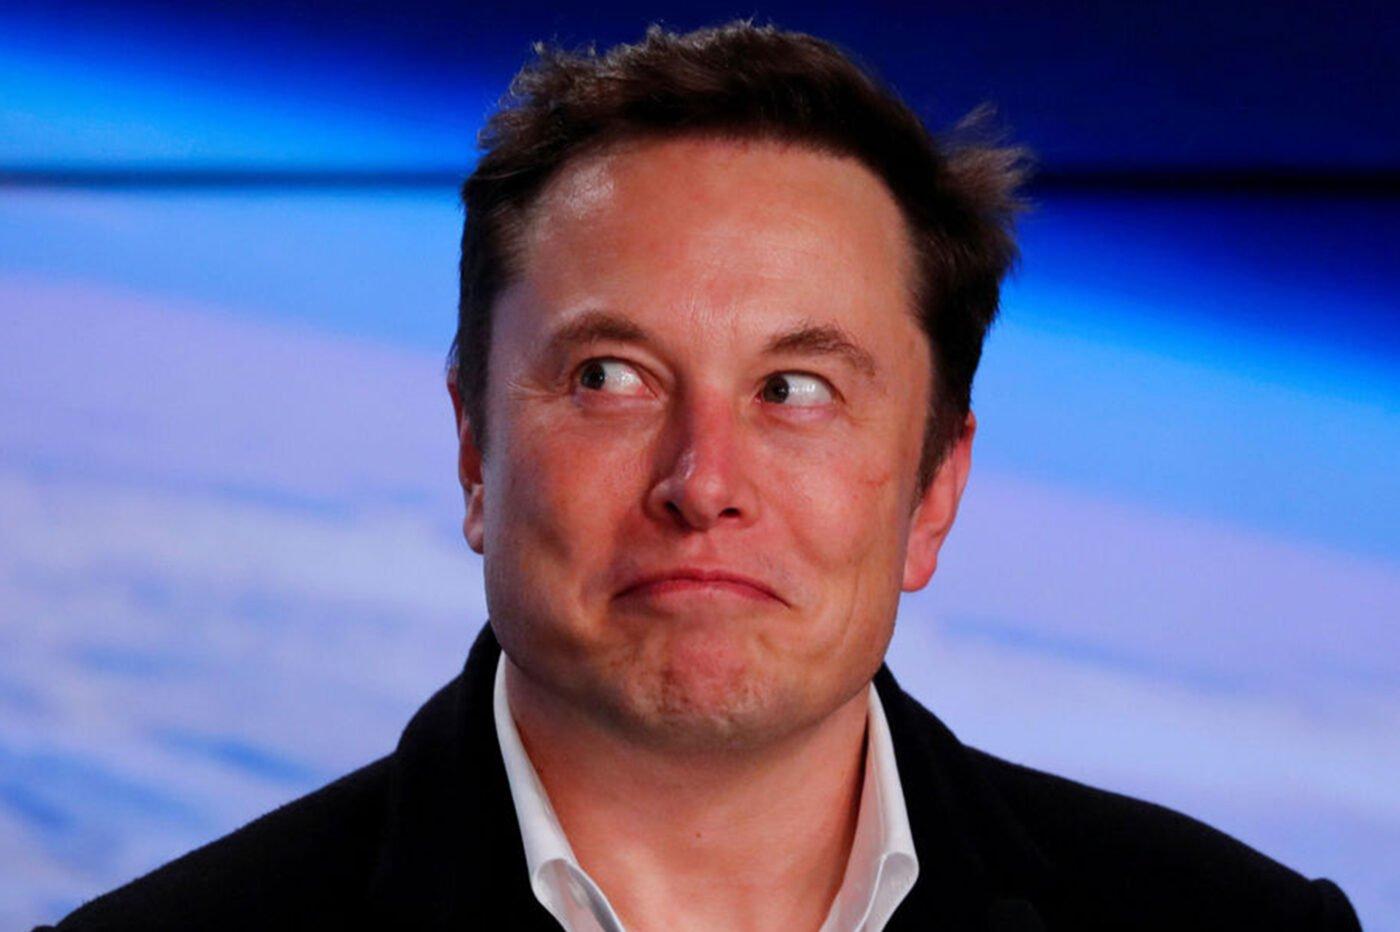 Elon Musk ne joue qu'à un seul jeu vidéo sur console (mais il a bon goût) - Presse-citron